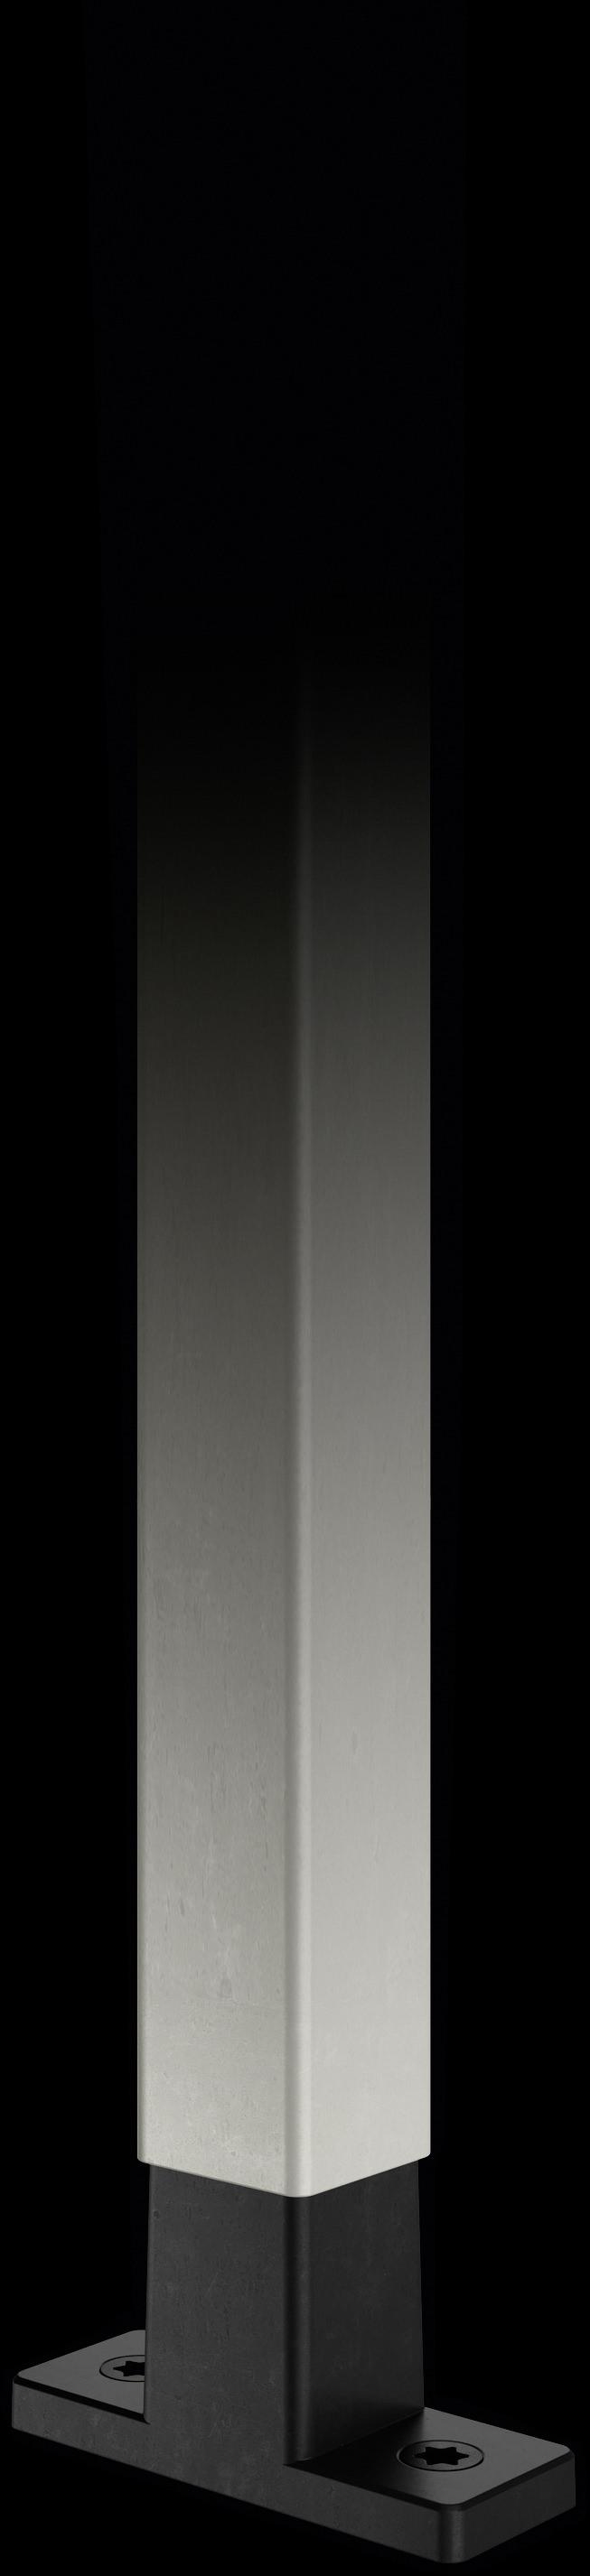 Mattnickel-Strebe mit T-Konnektor in schwarz